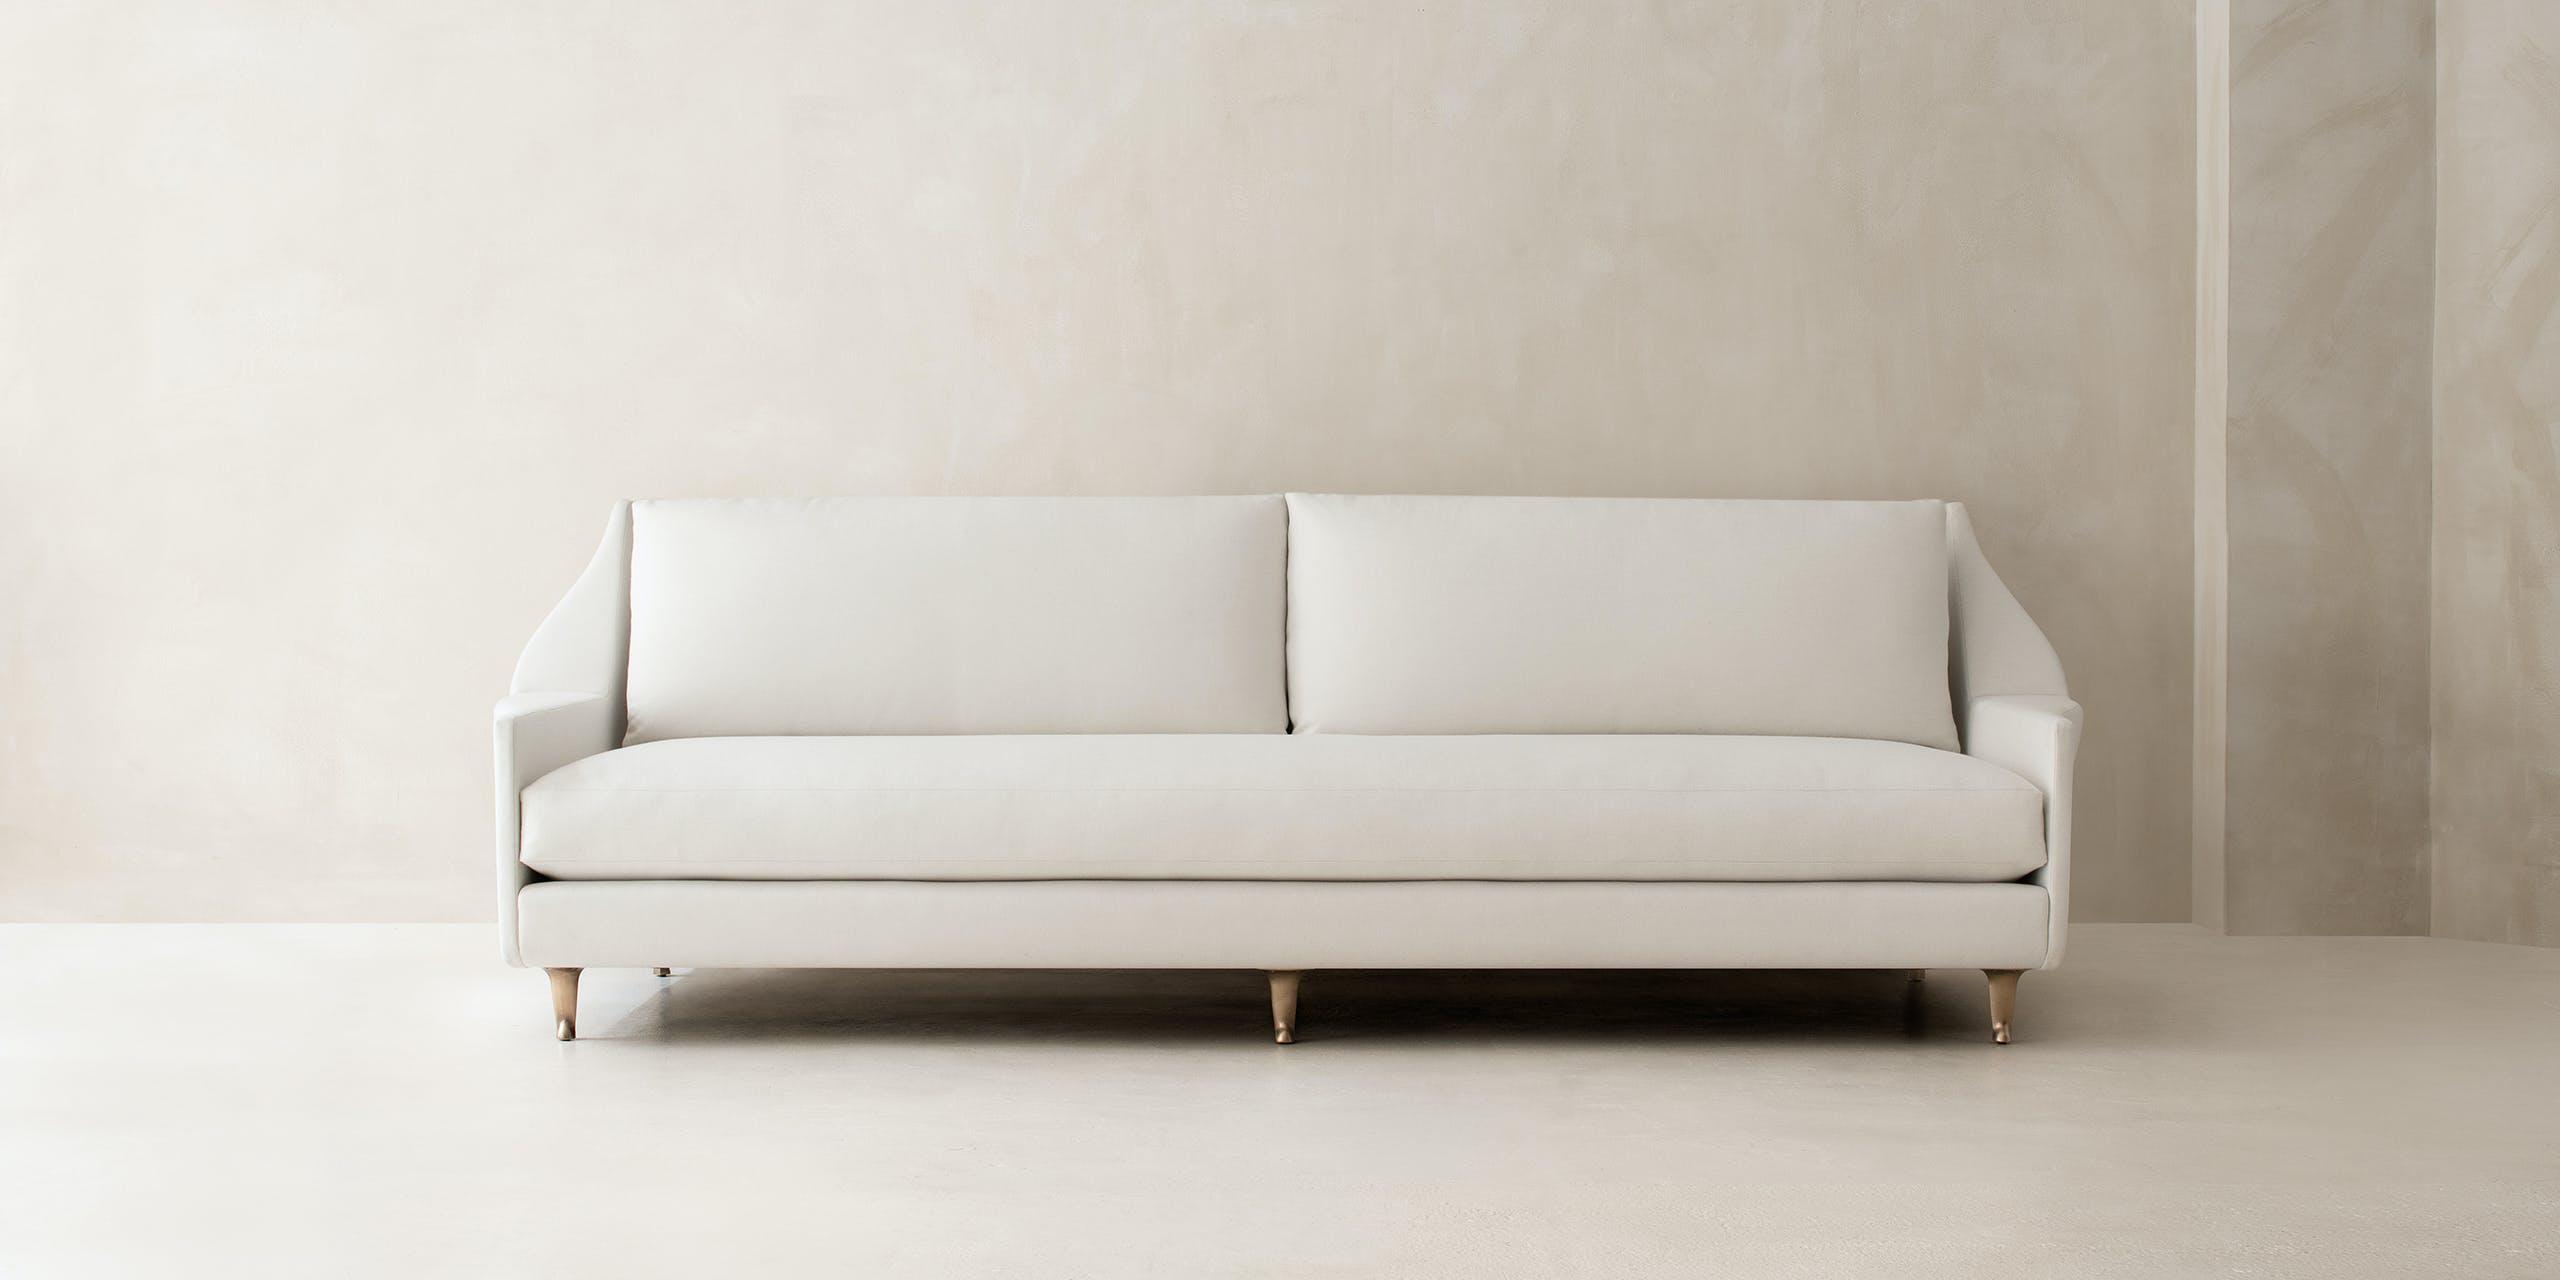 Bellows sofa main.jpg?ixlib=rails 2.1